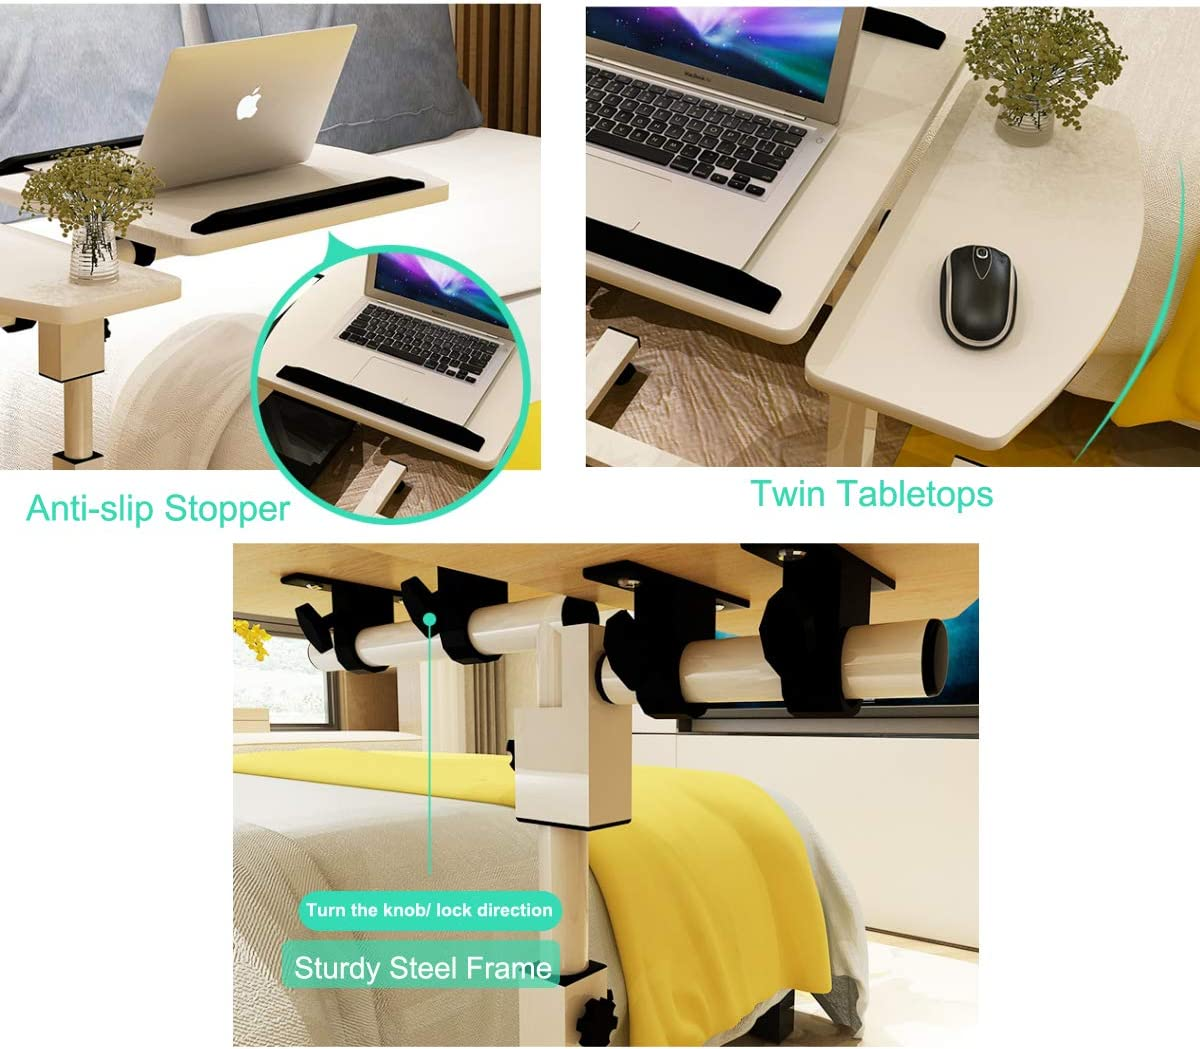 carrello per postazione di lavoro Tavolino doppio da letto inclinabile vassoio per TV regolabile in altezza letto comodino mobile per PC con mouse e supporto per scrivania robusto per divano